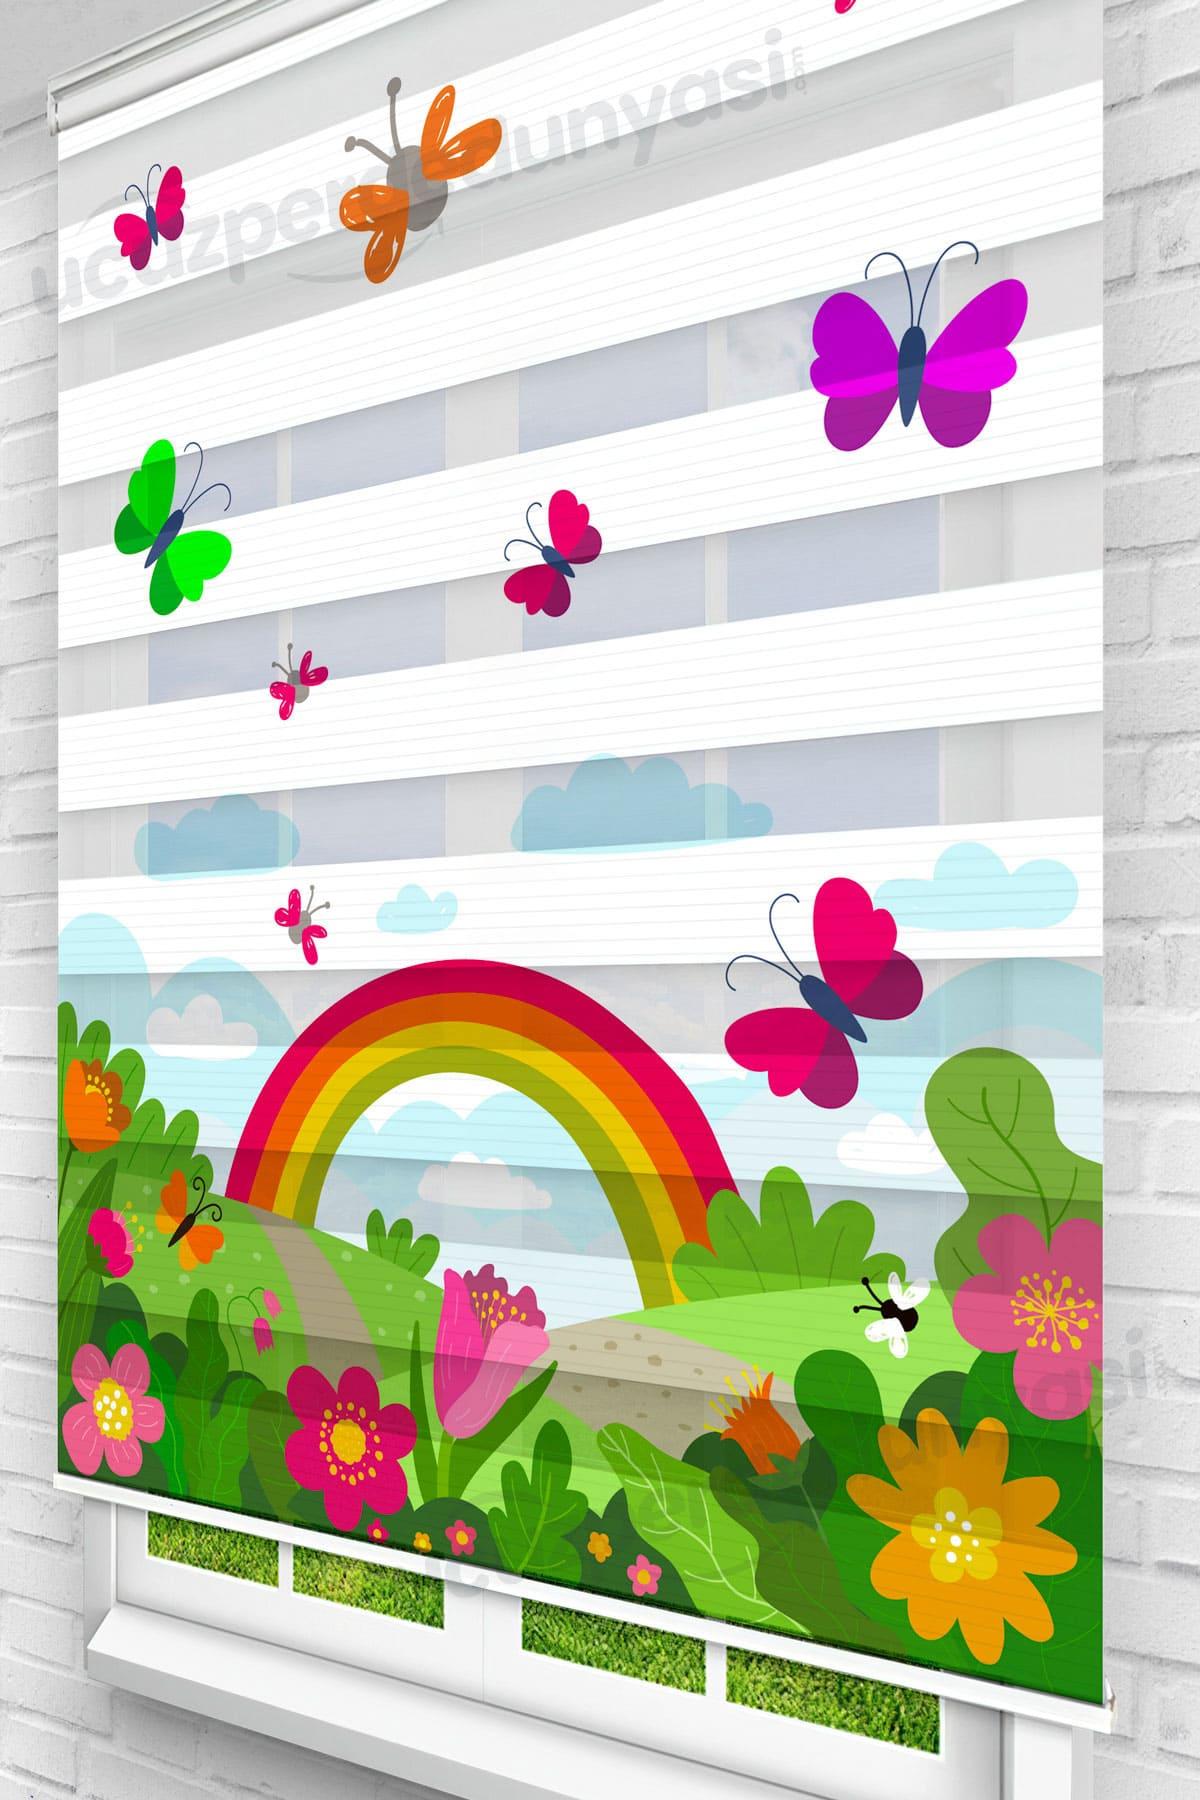 Manzaradaki Kelebekler Çocuk Odası Zebra Perde